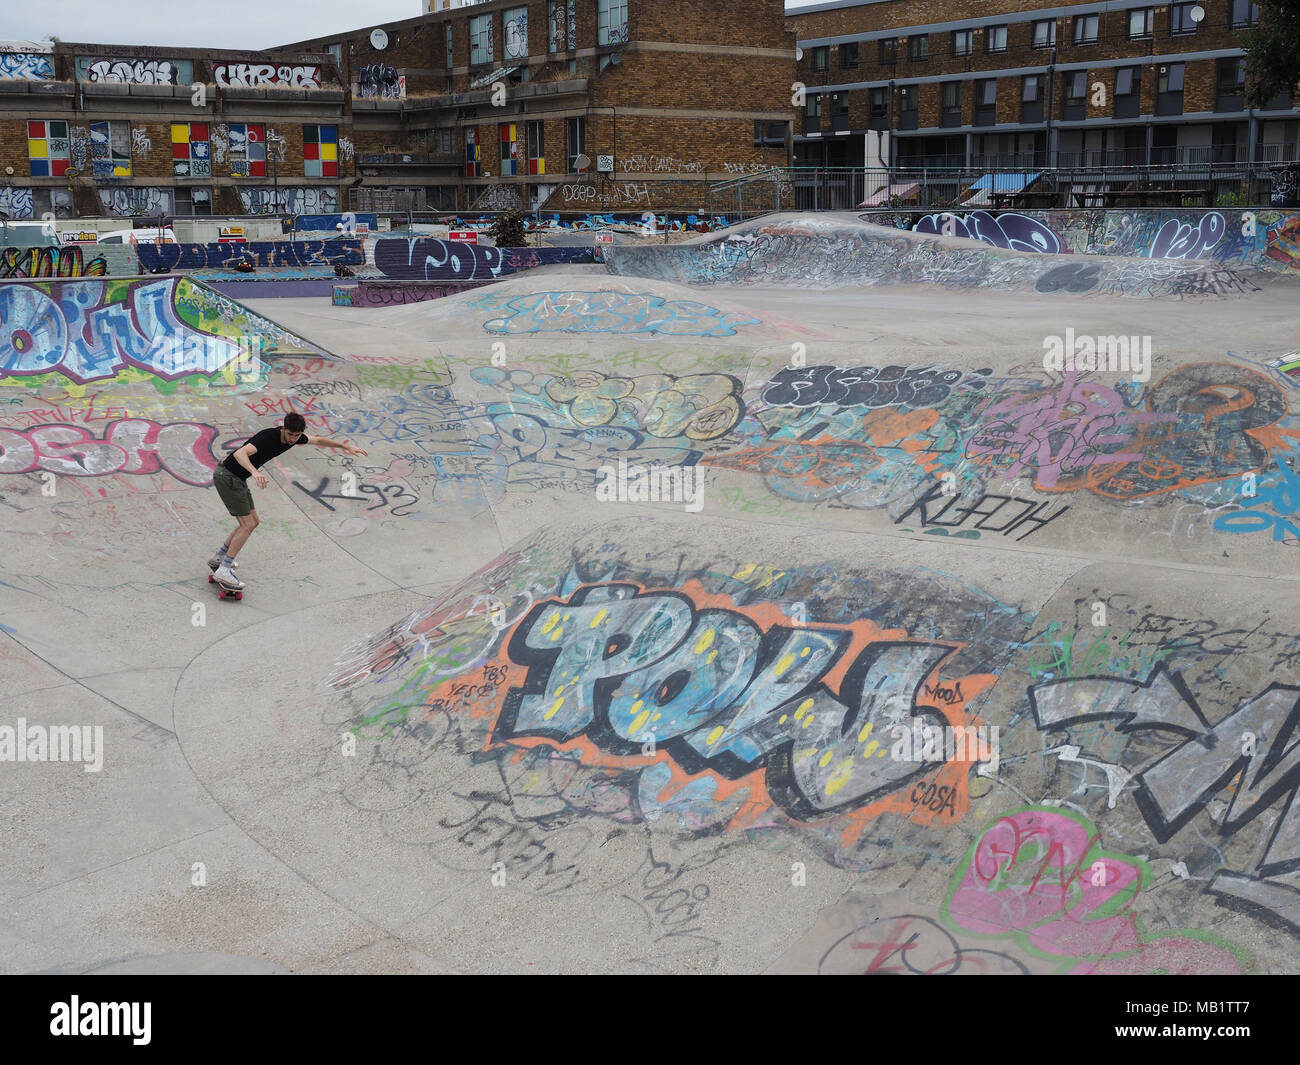 Skateboarder in Stockwell Skatepark, London, England, UK - Stock Image